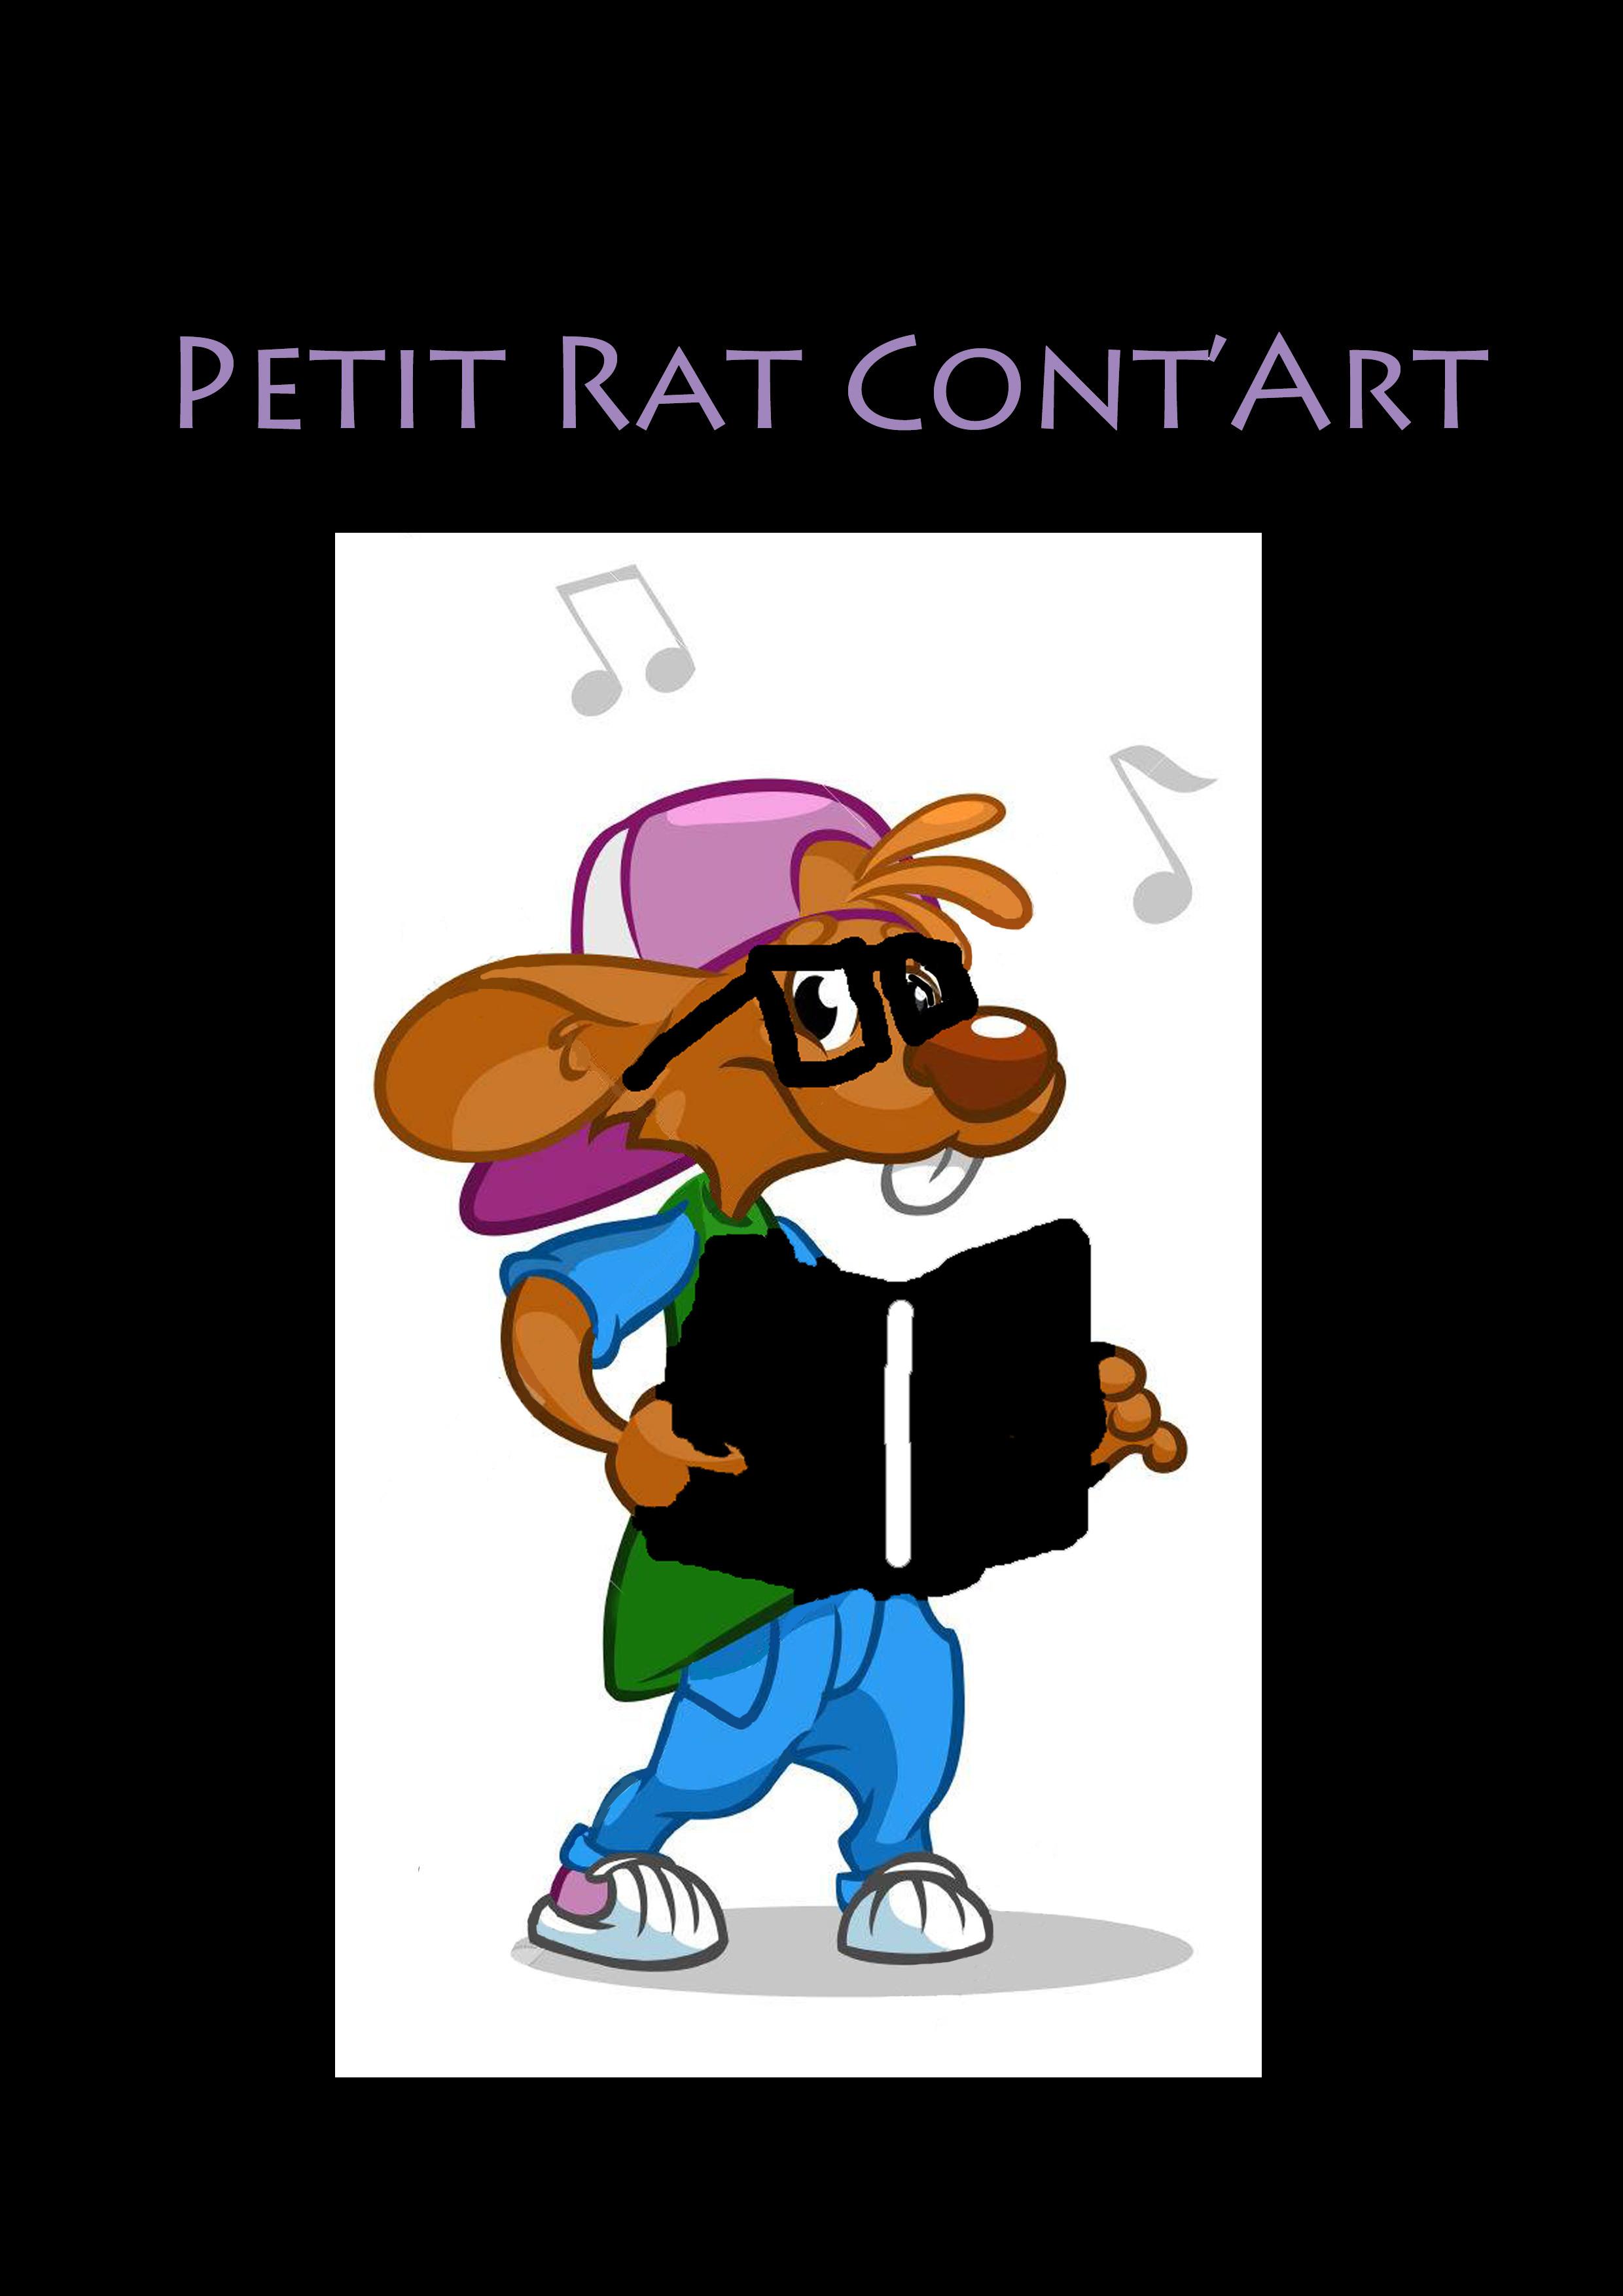 Le Petit Rat Cont' Art